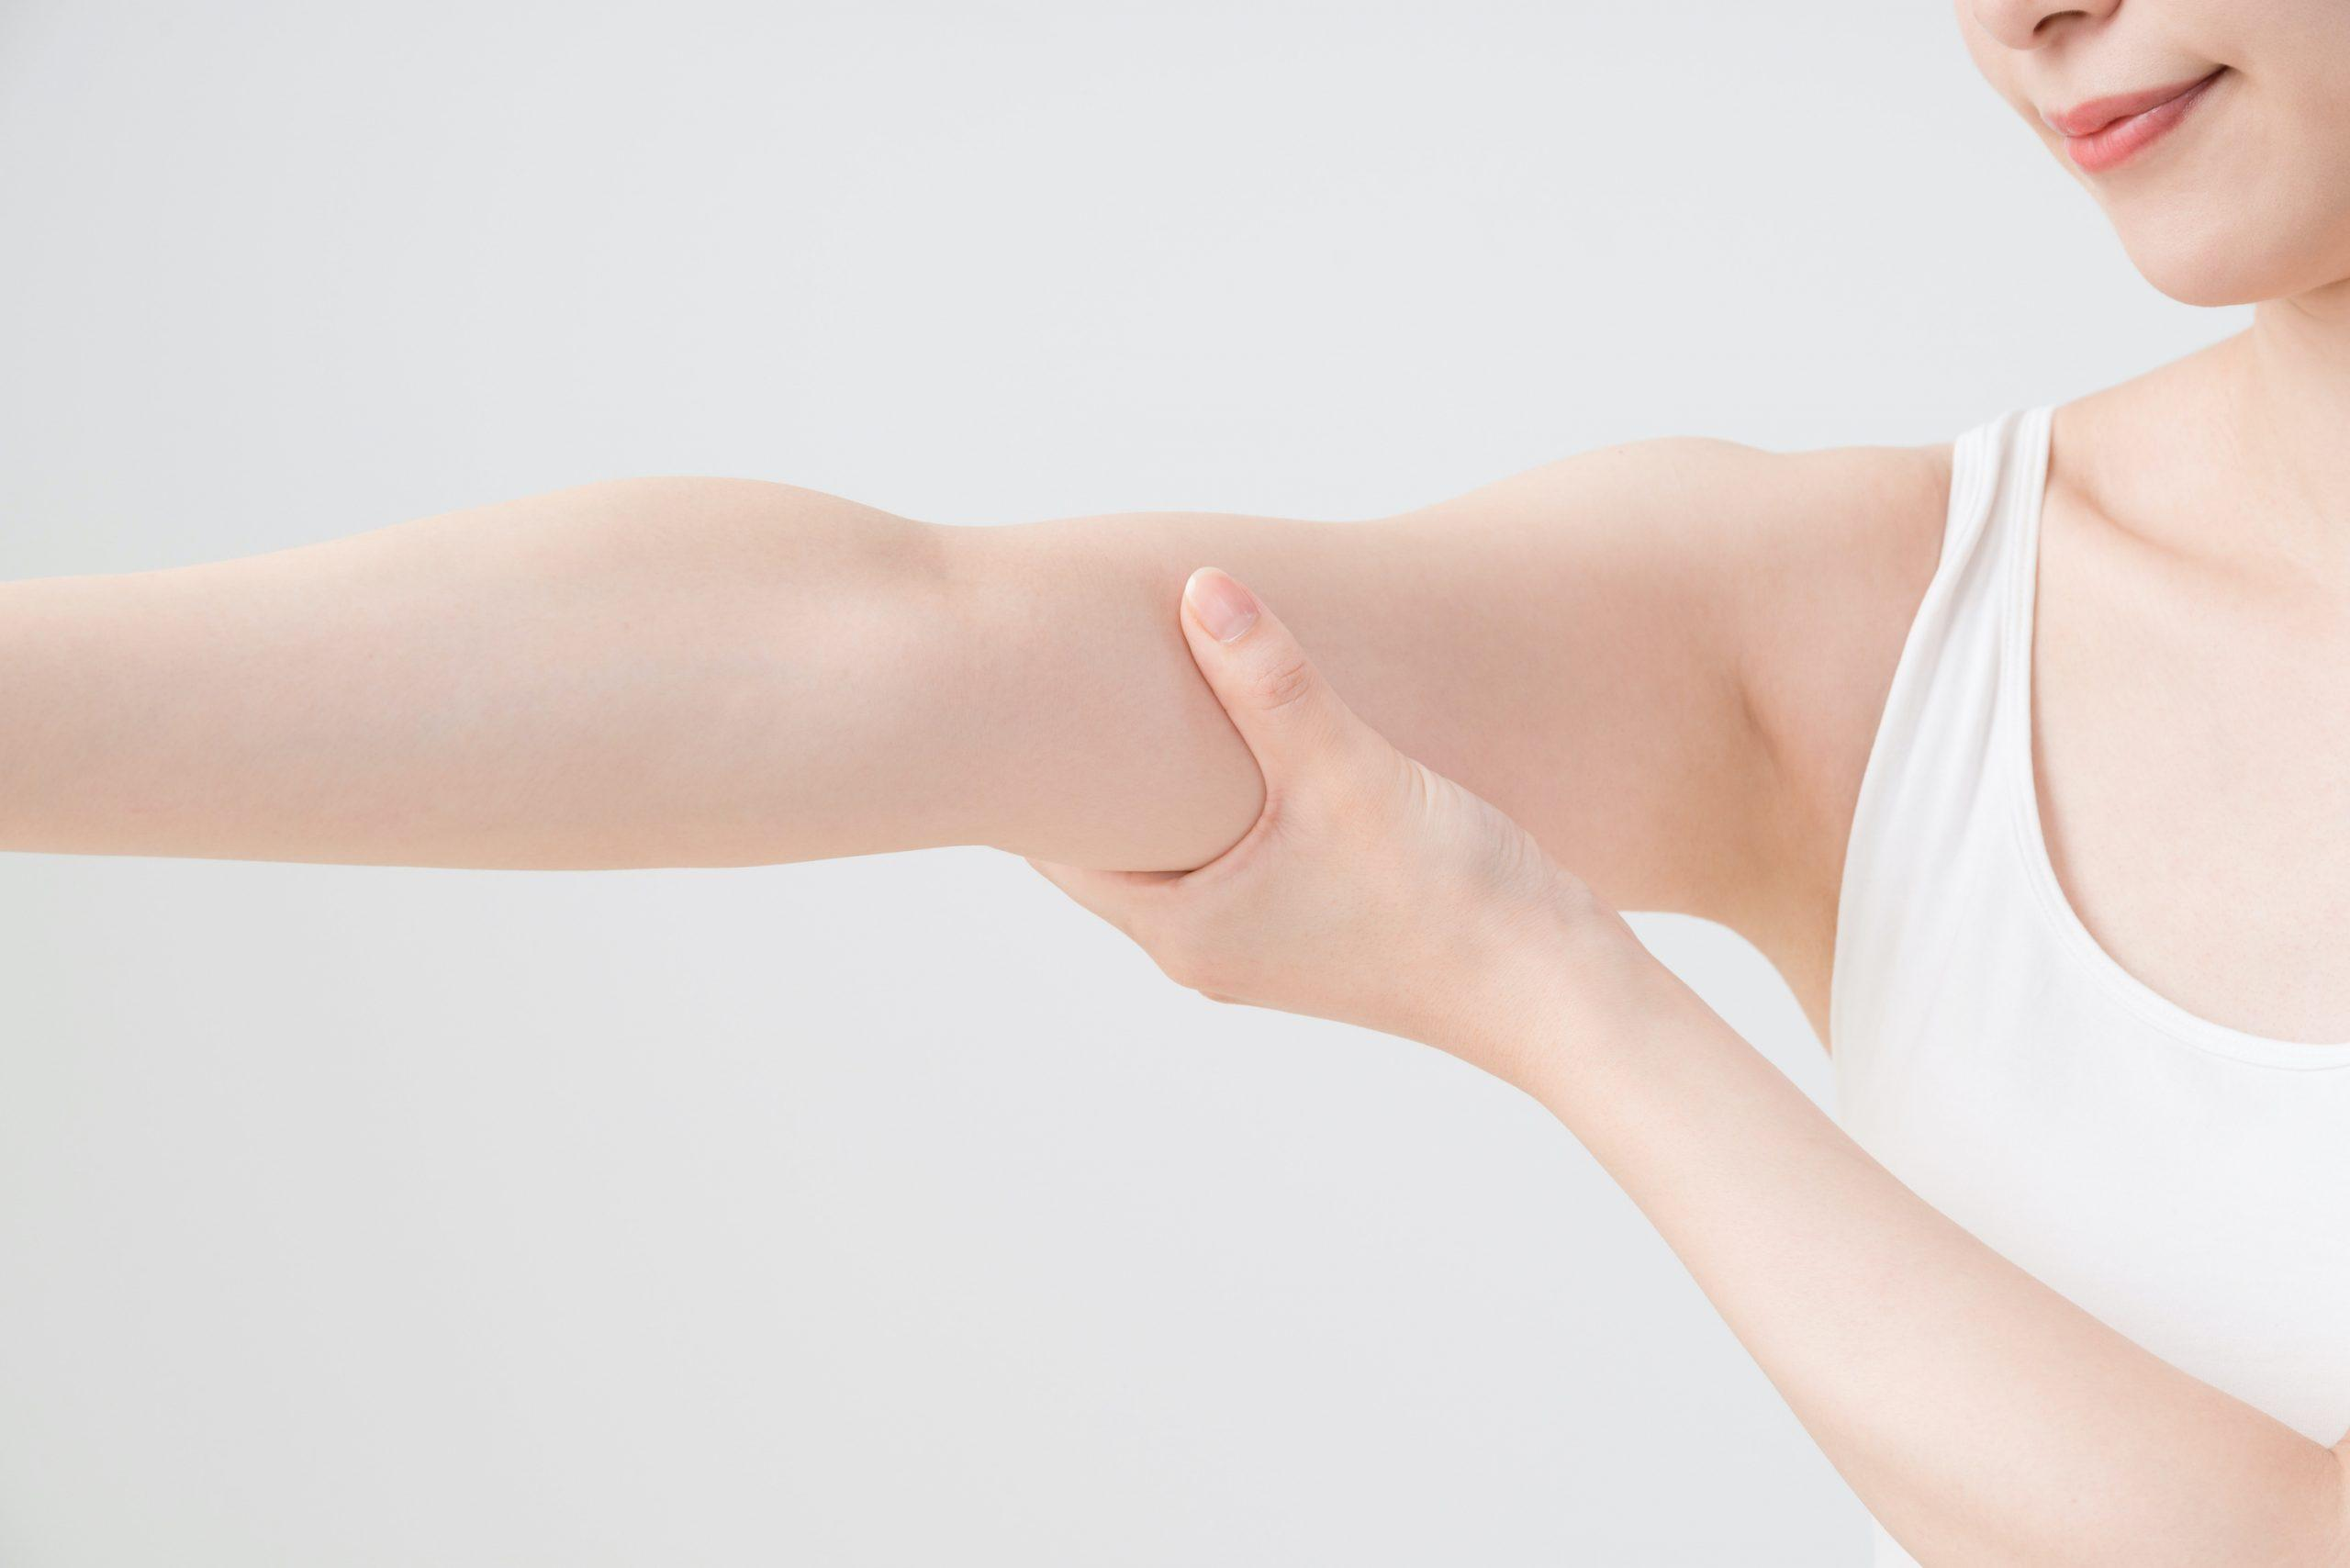 Arm Definition